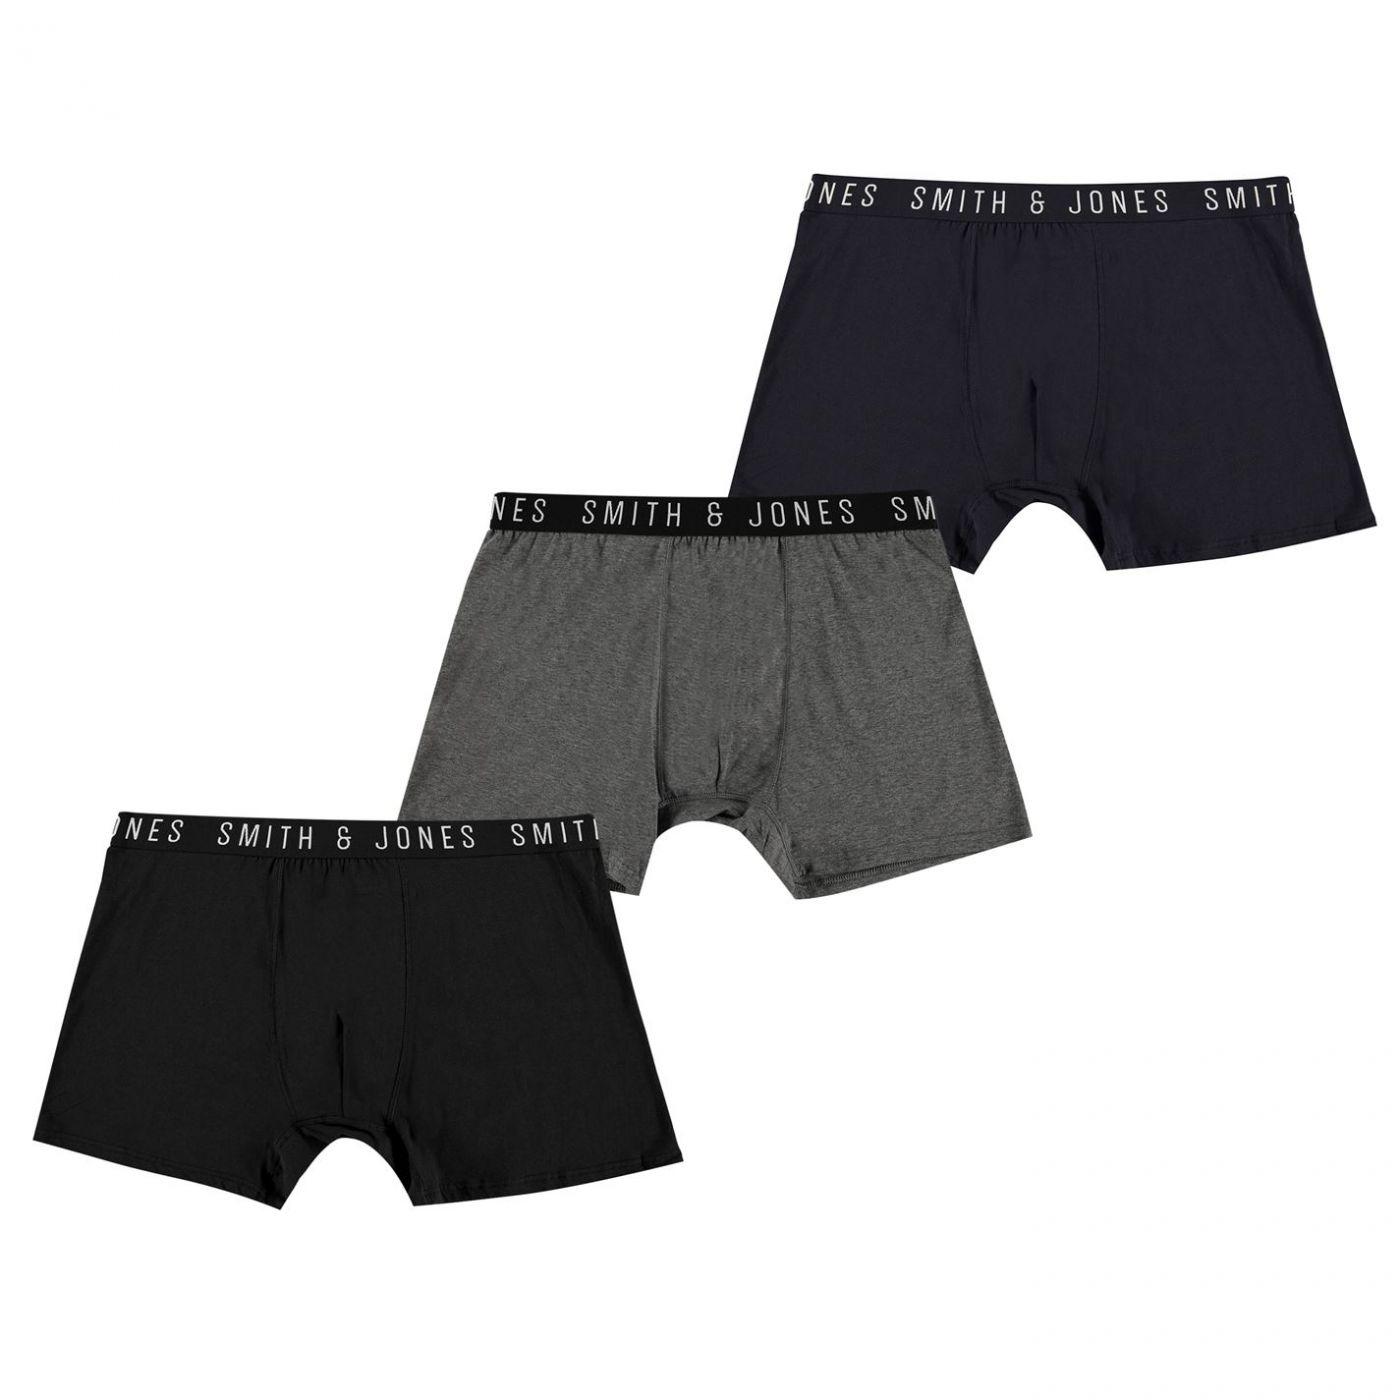 Smith XL Boxers 3pk 01